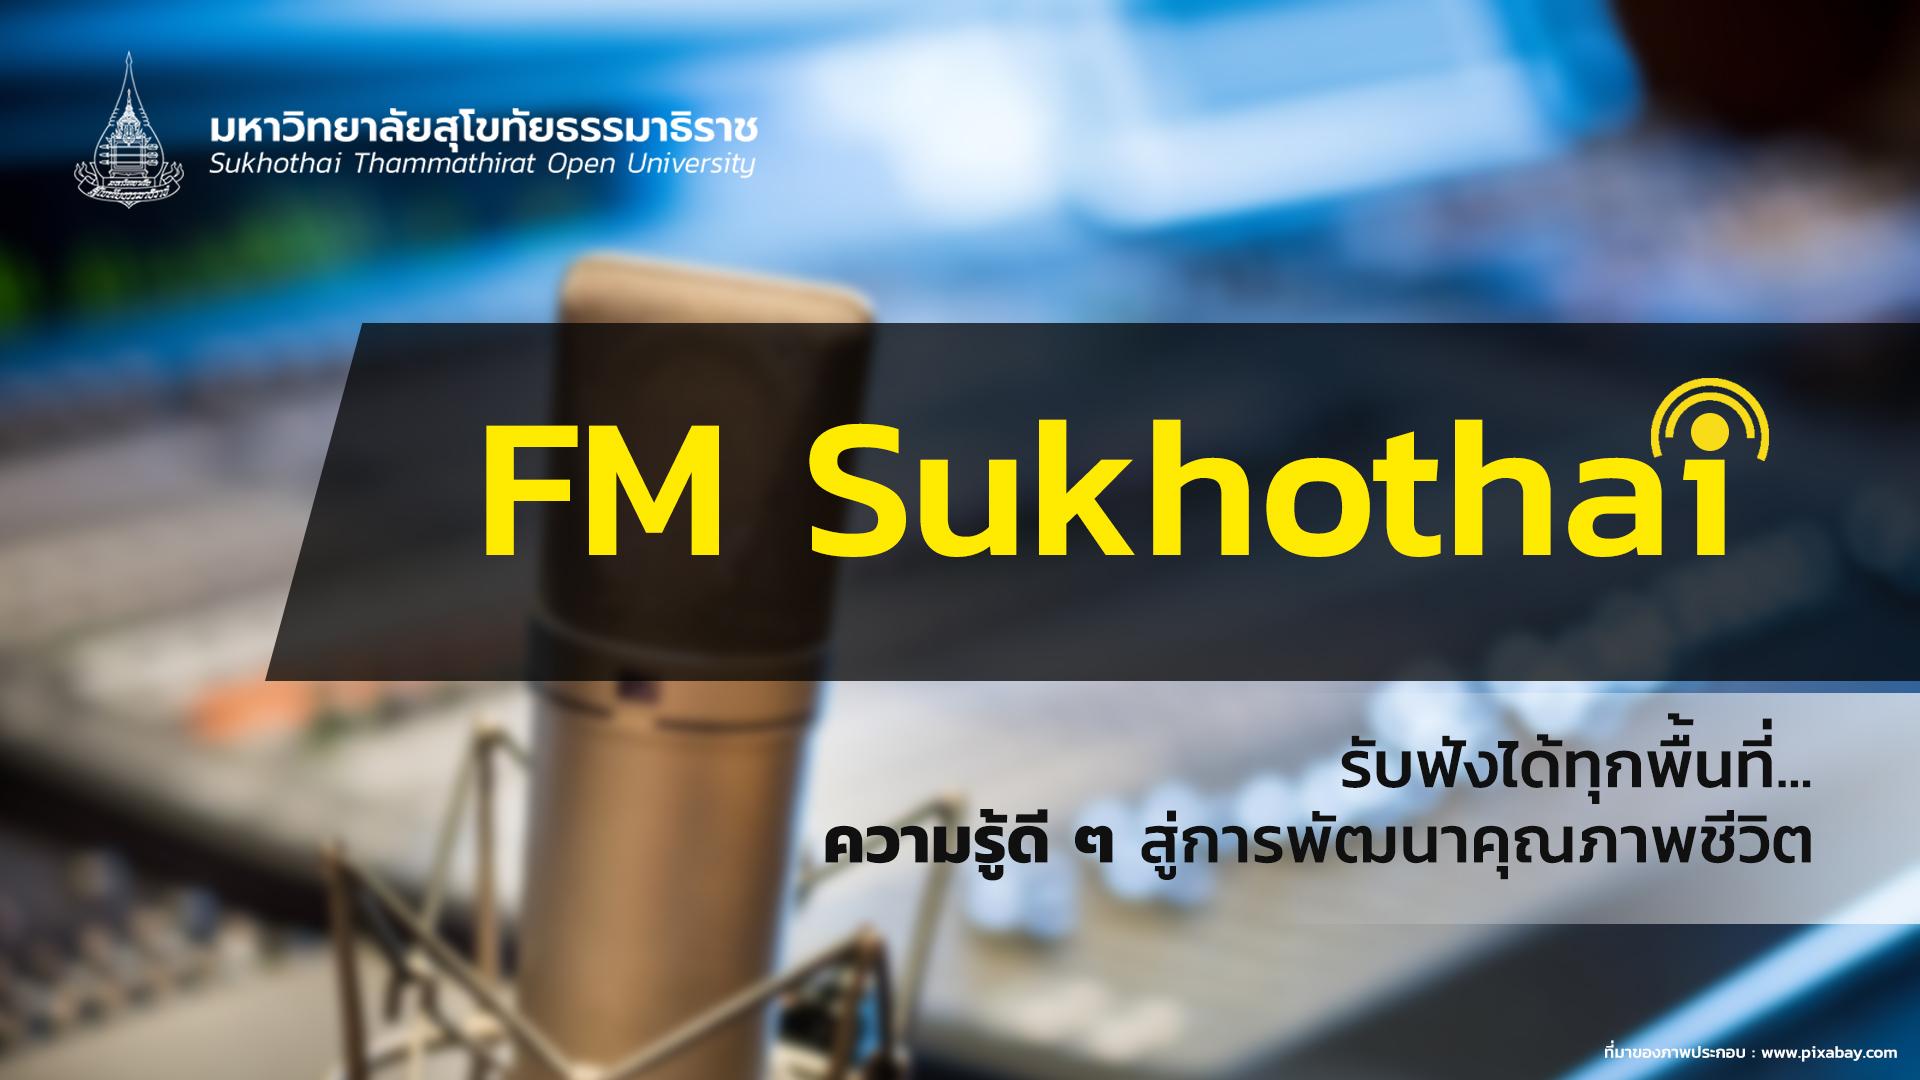 21323 การสอนกลุ่มทักษะ 1: ภาษาไทย รายการที่ 2